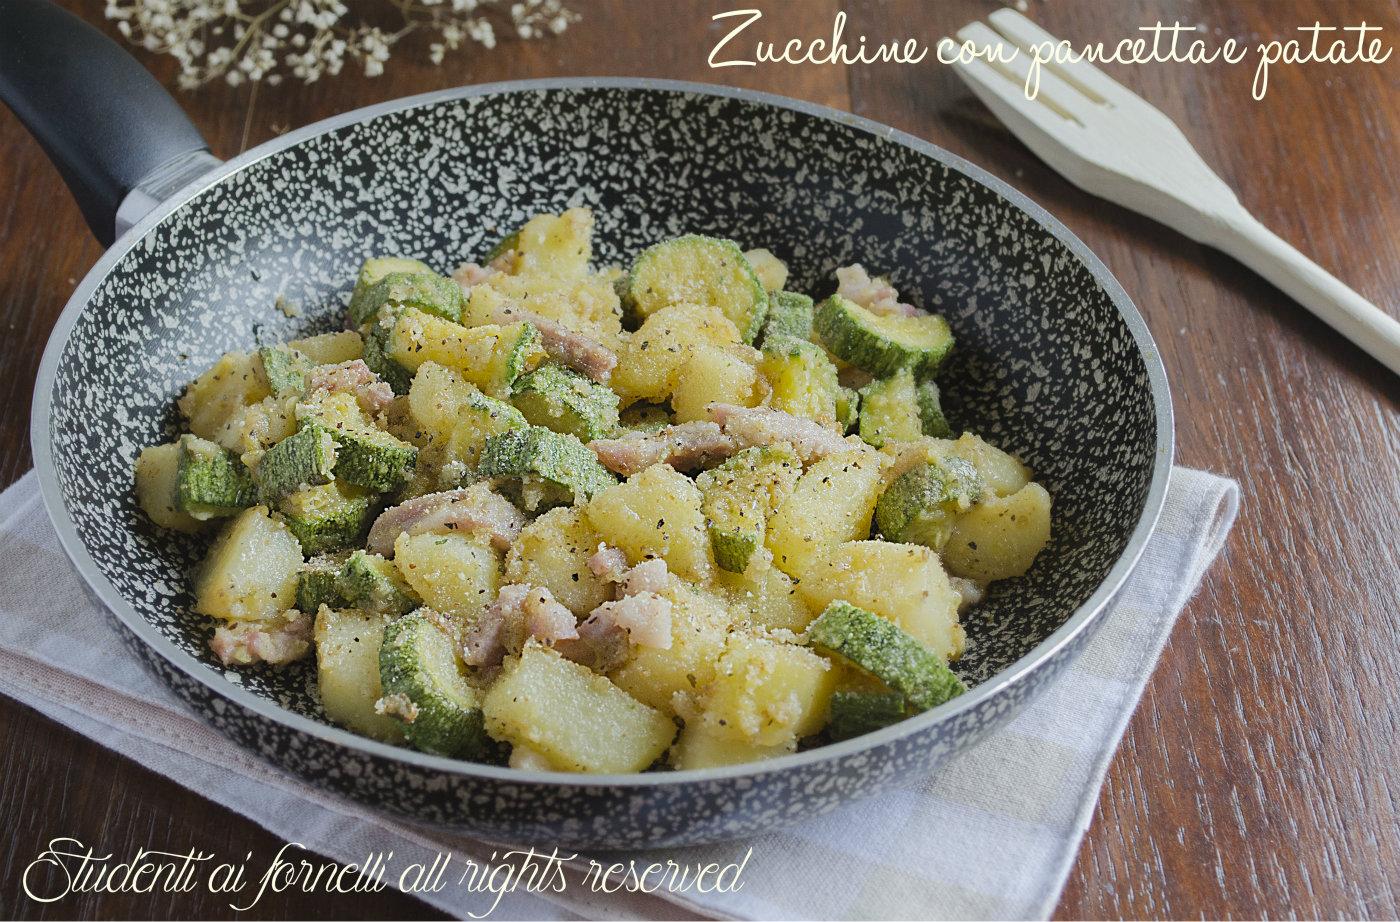 Zucchine con pancetta e patate in padella saporite ricetta for Cucinare zucchine in padella